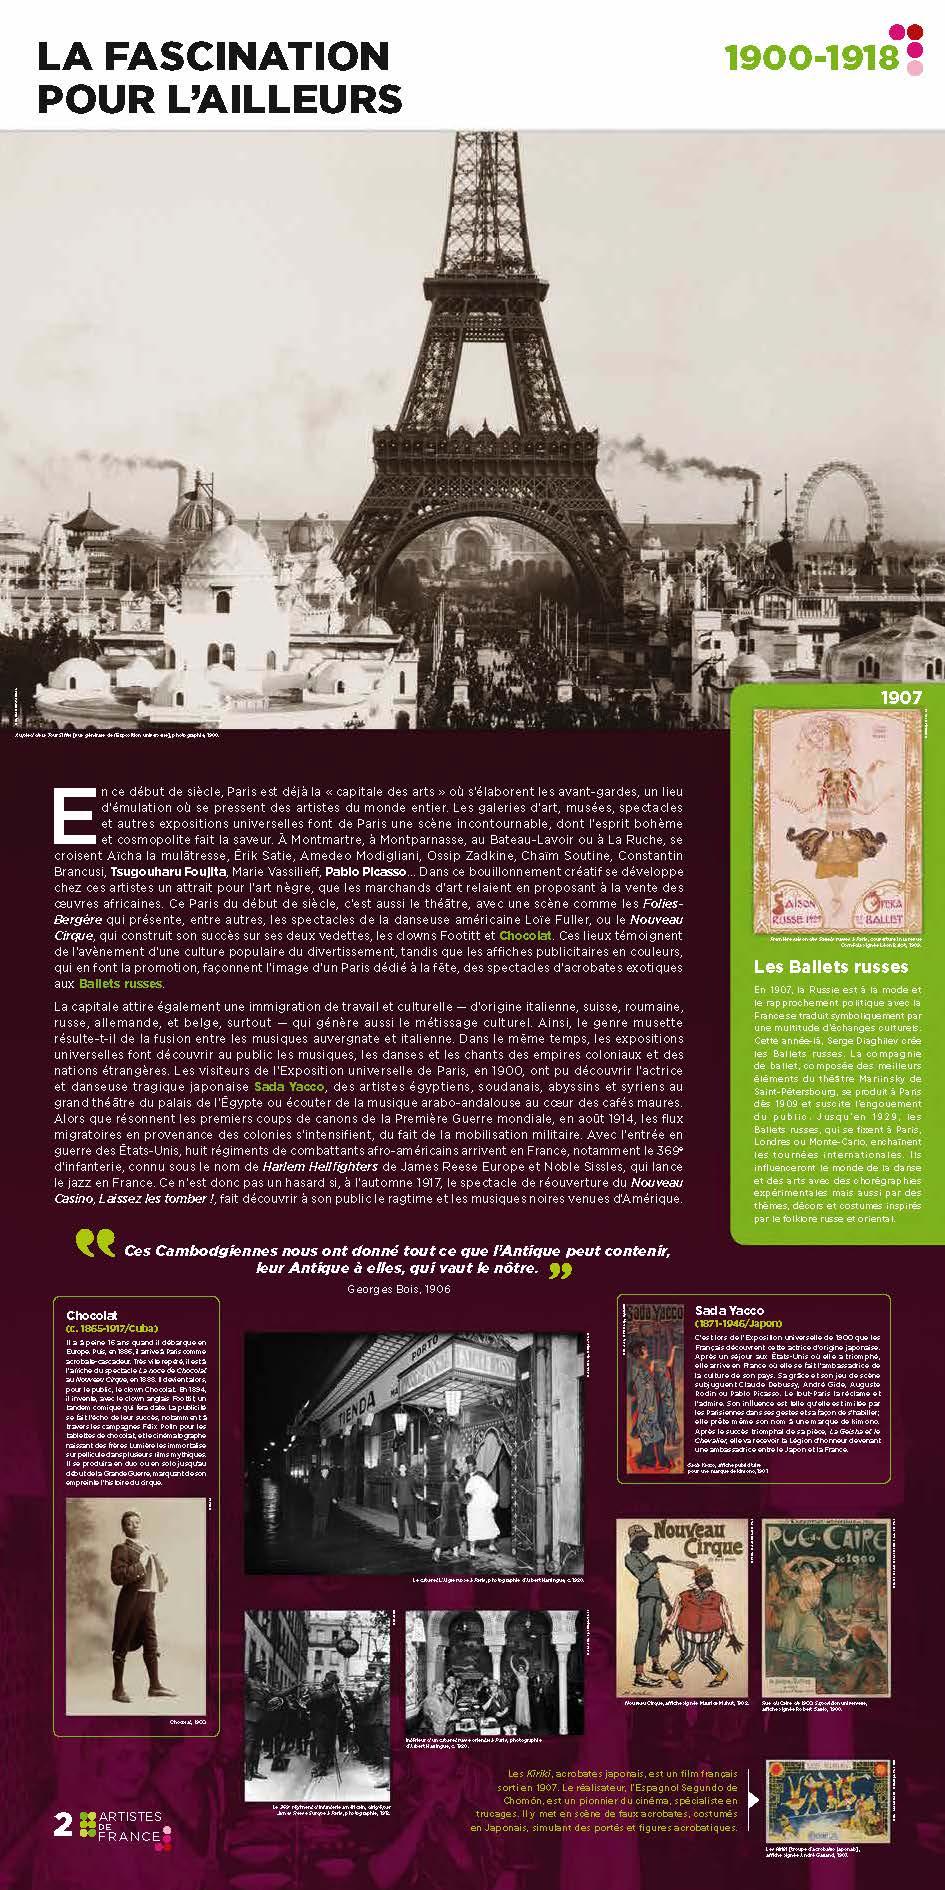 Expo-artistes-de-france_Page_02.jpg